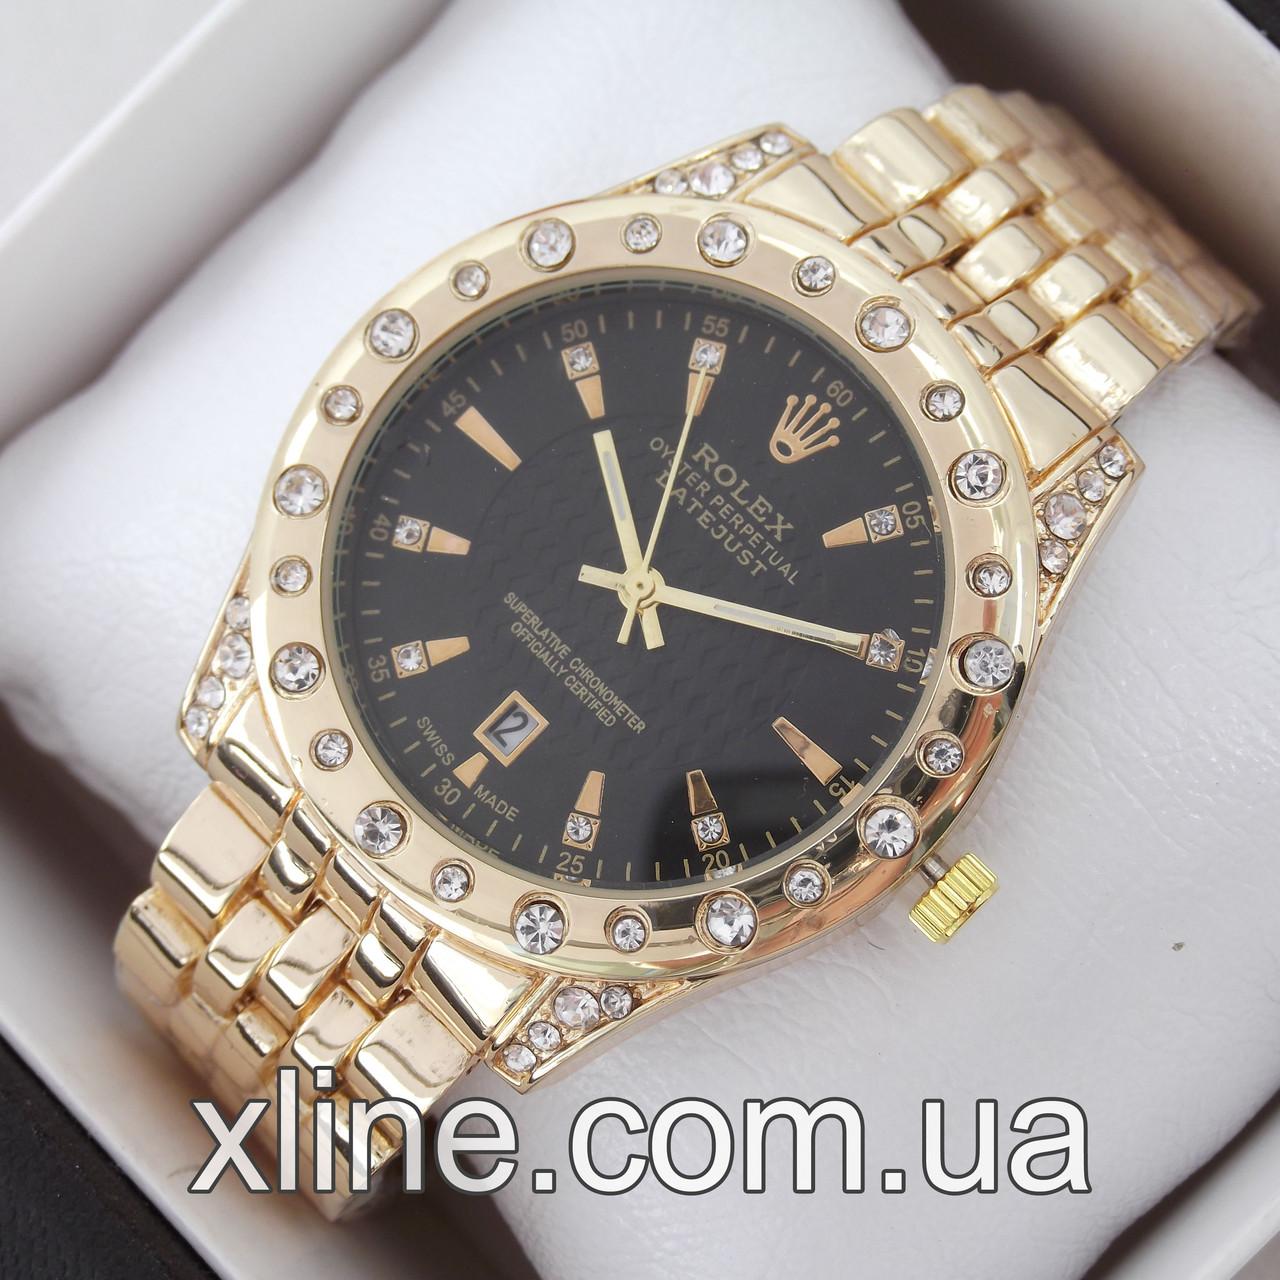 Жіночі наручні годинники Rolex A102-1 на металевому браслеті